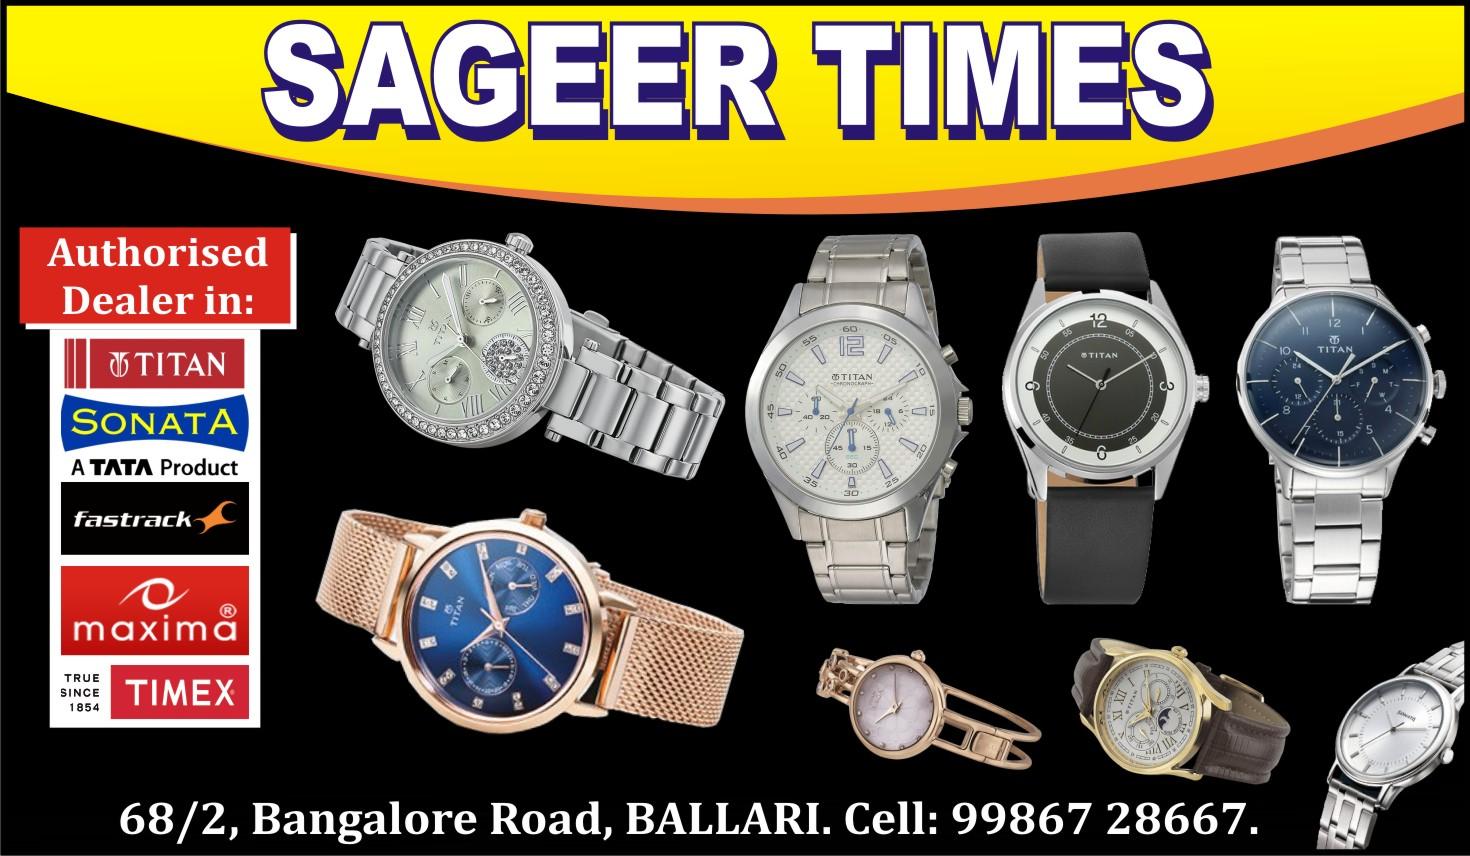 Sageer Times